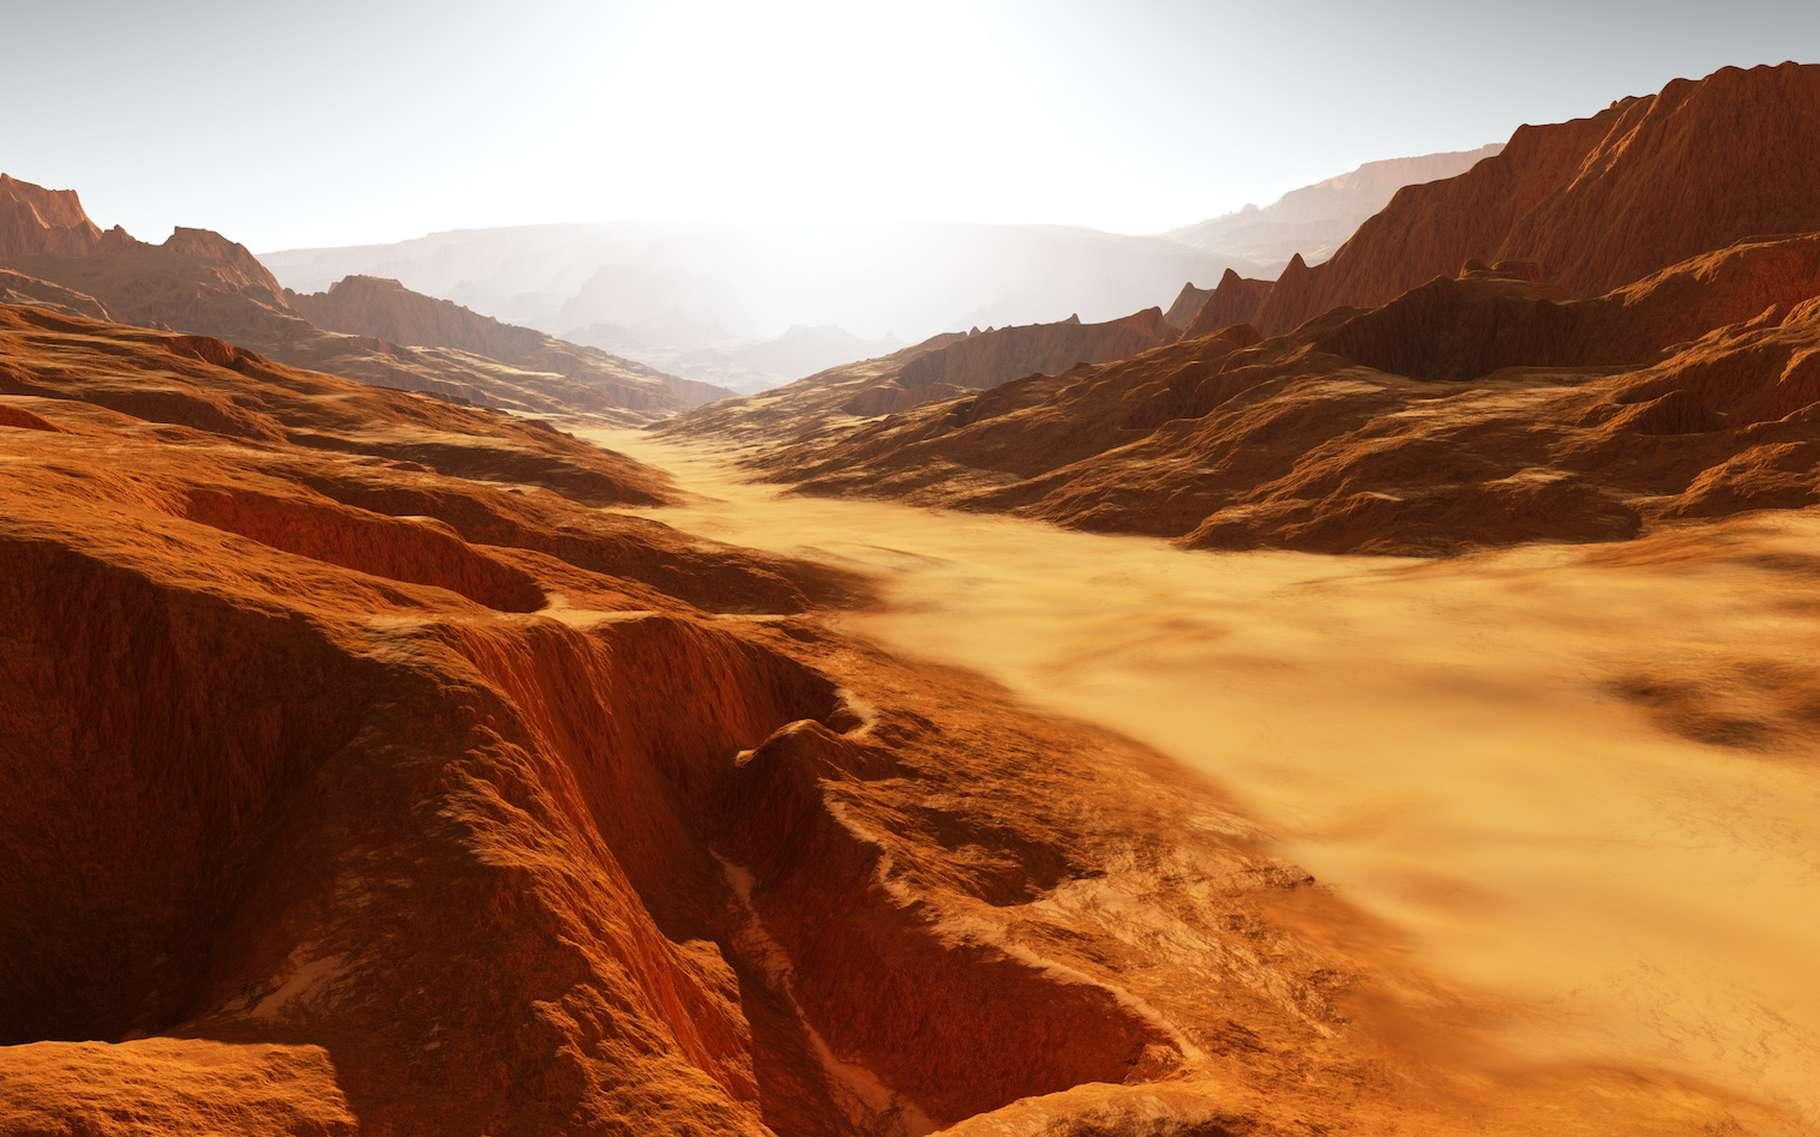 Des astronomes de l'université du Texas (États-Unis) ont étudié les vallées fluviales qui serpentent à la surface de Mars. Ils concluent que des inondations massives sont à l'origine du visage actuel de la Planète rouge. © Peter Jurik, Adobe Stock